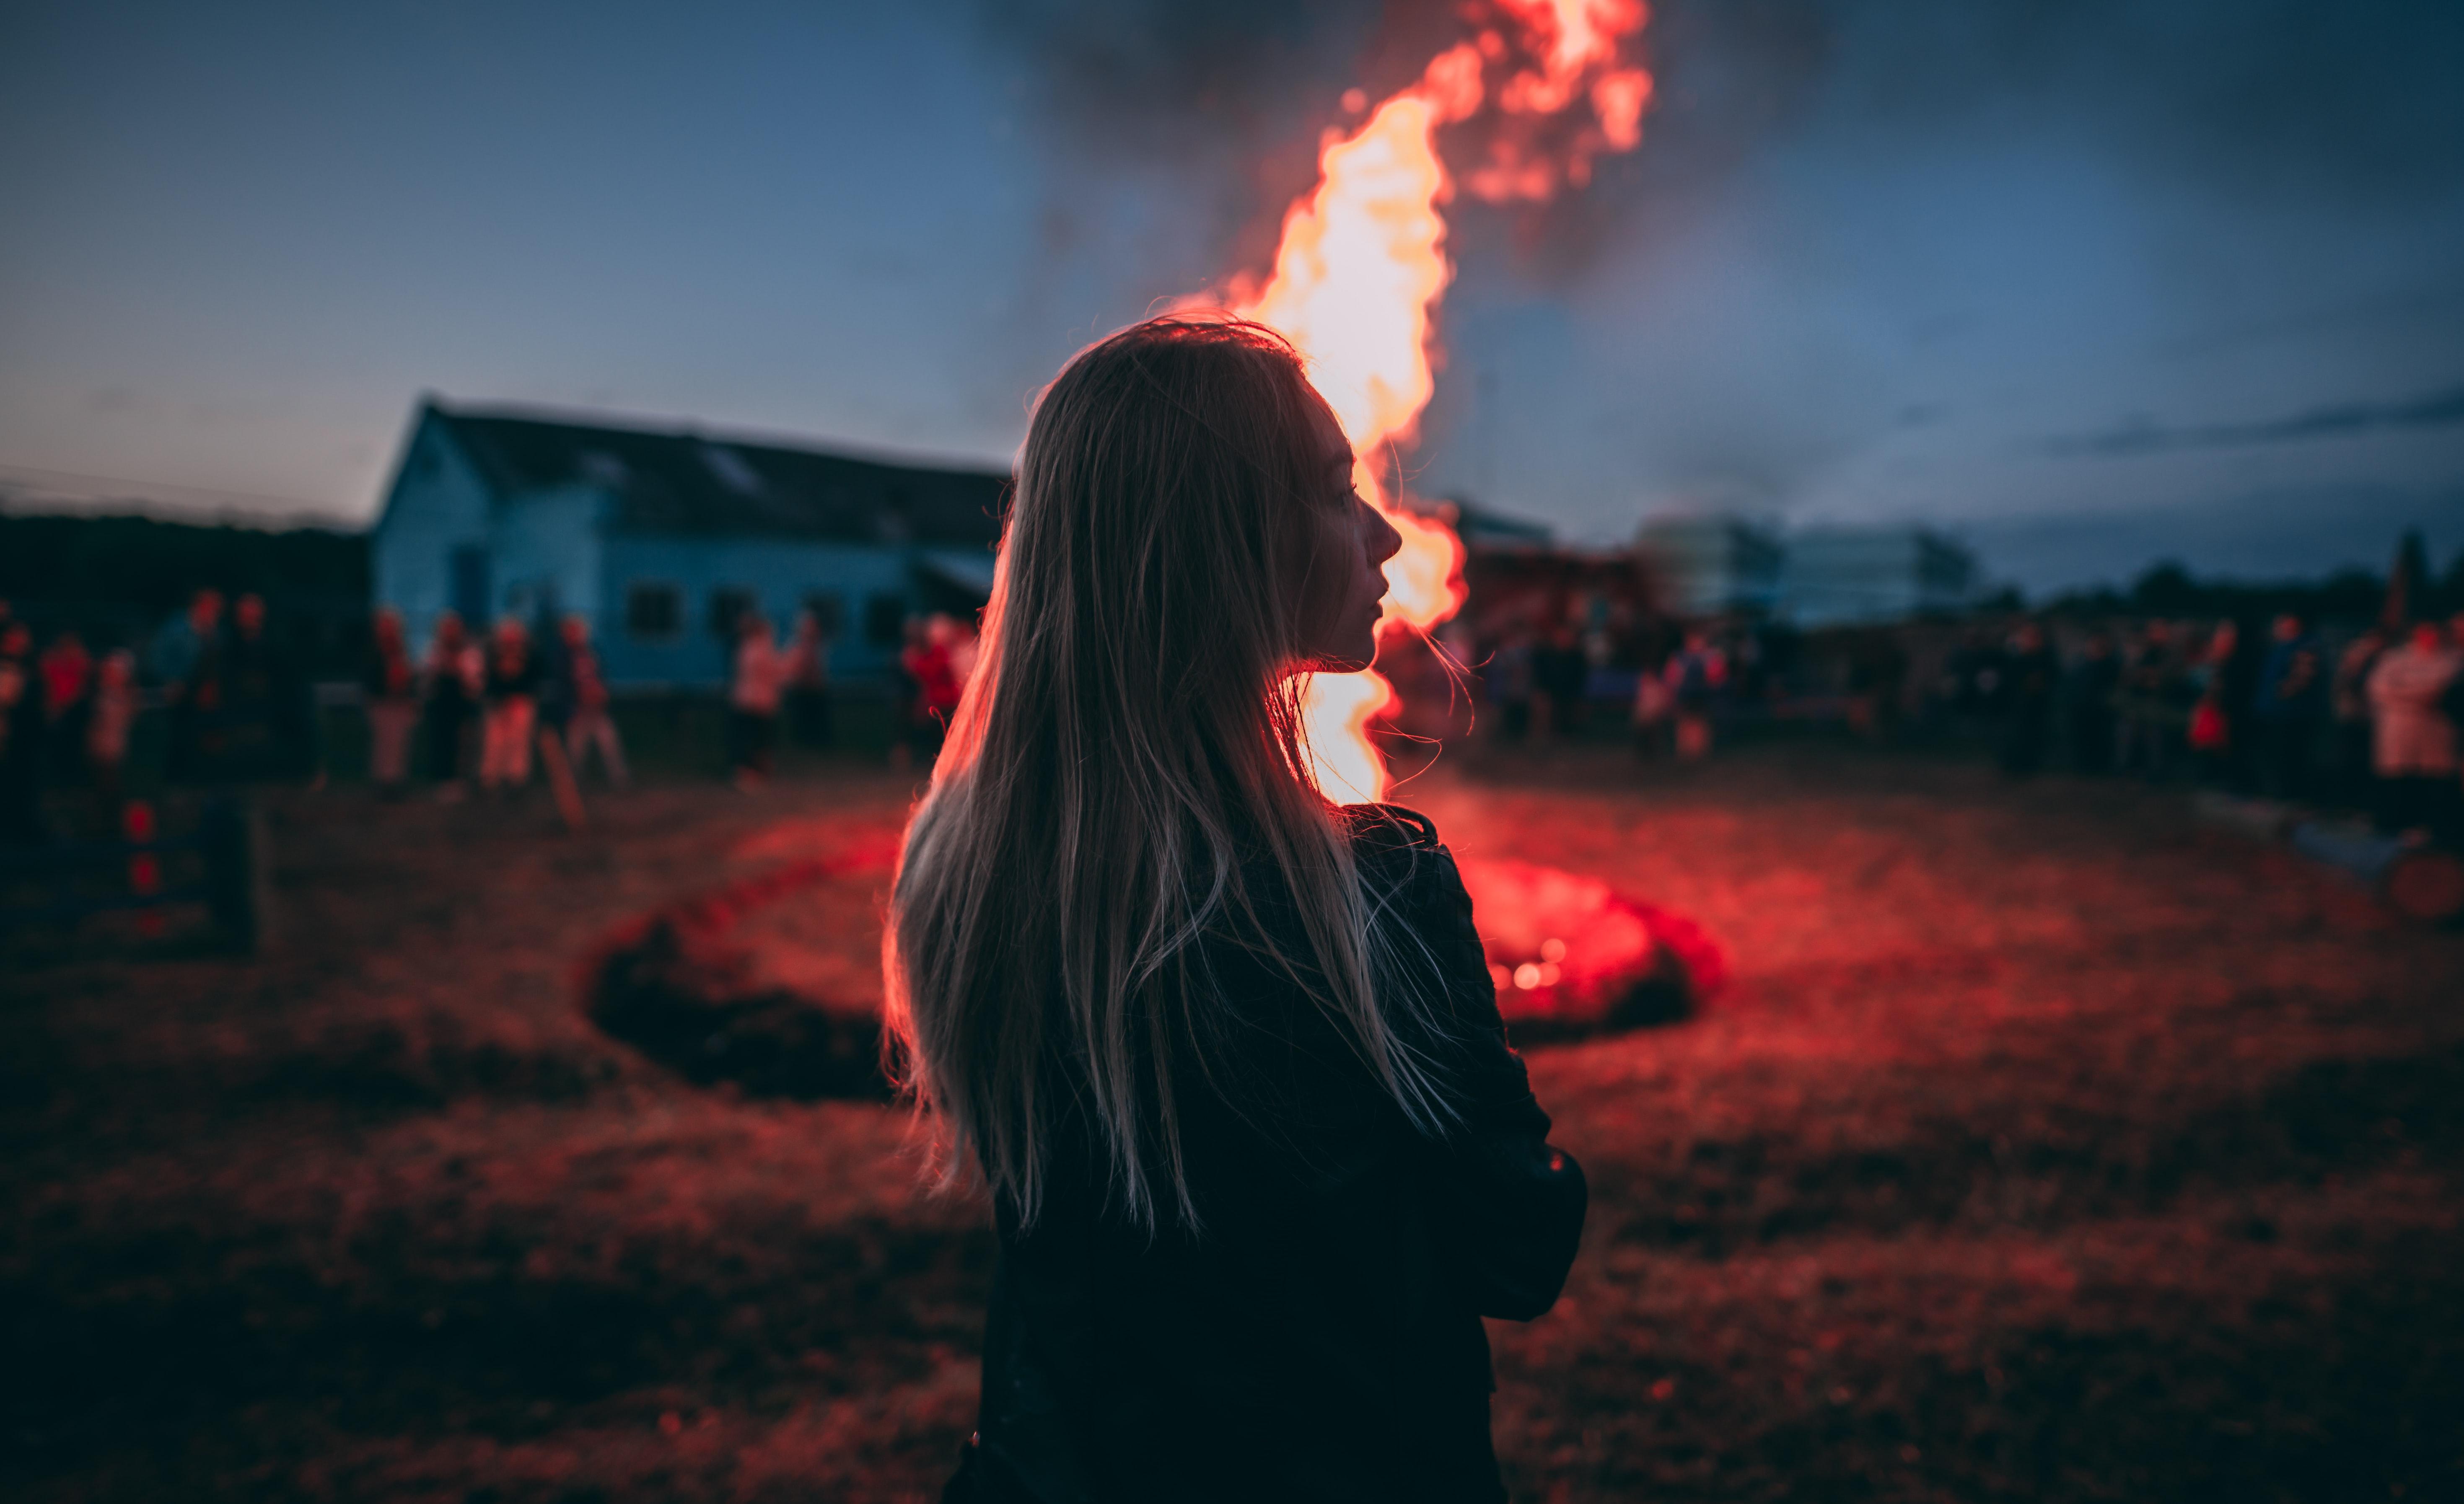 【夢占い】焼死の夢は何のサイン?焼死の夢の意味を解説